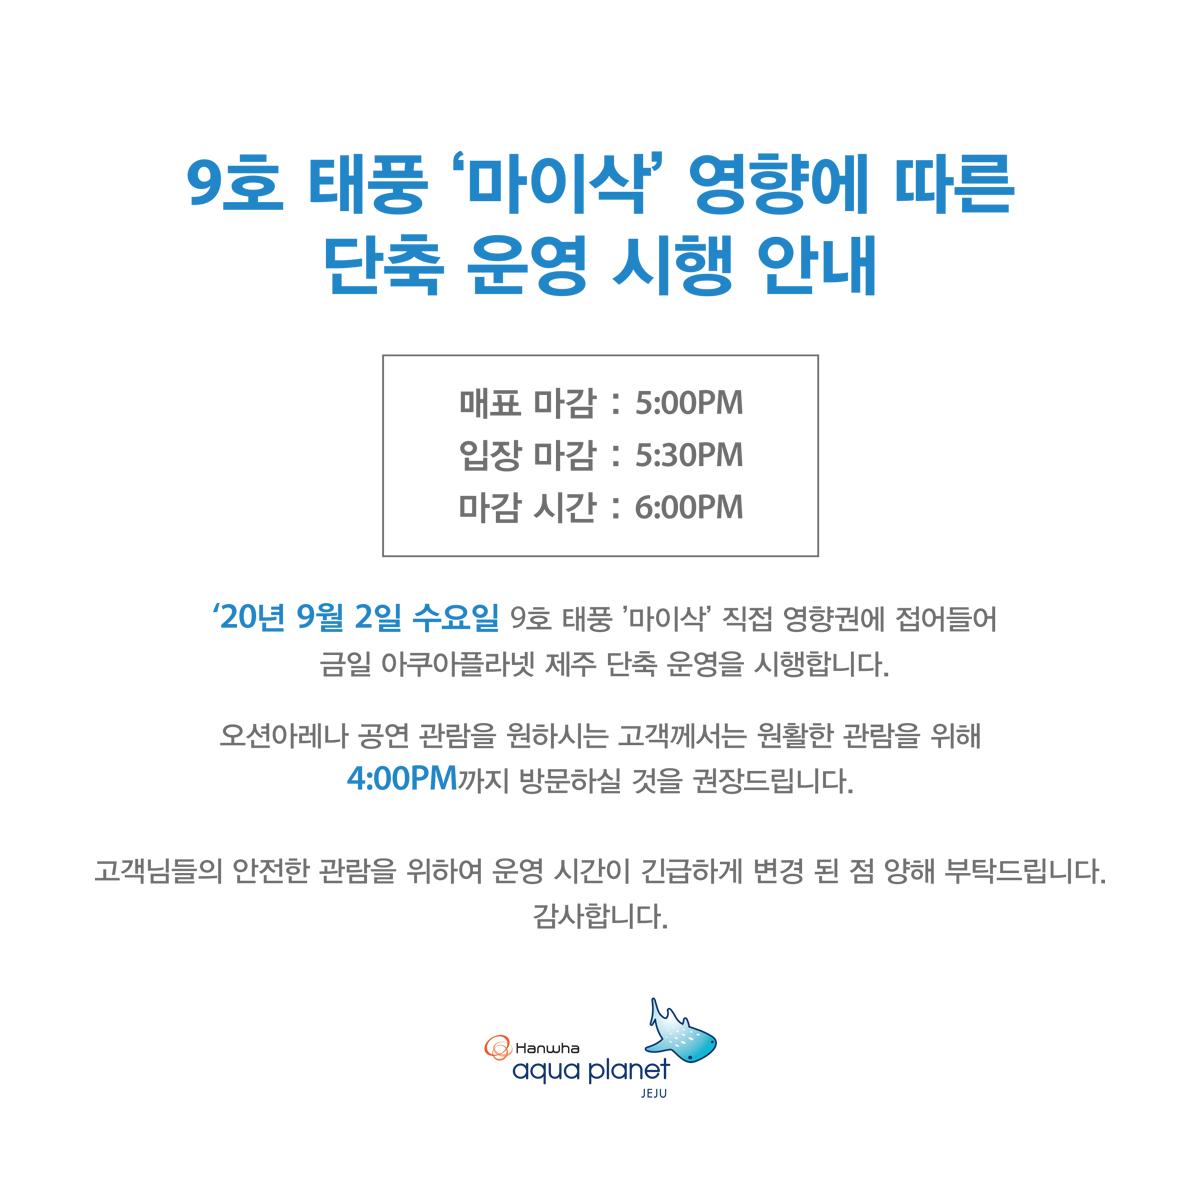 9호 태풍 '마이삭' 영향으로 인한 단축 영업 시행 안내